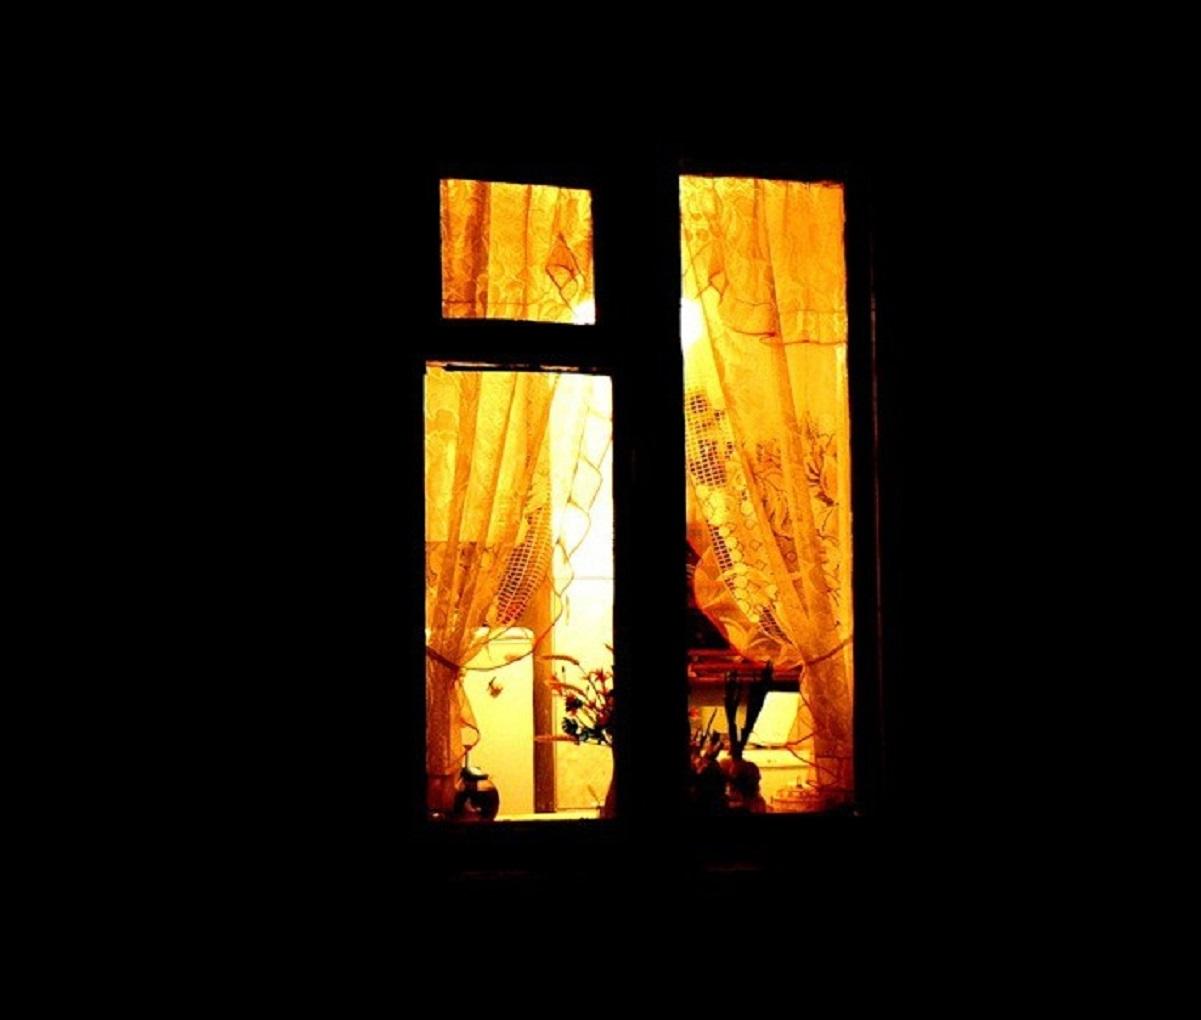 разделе картинка свет в одном окне еще сомневаетесь, стоит